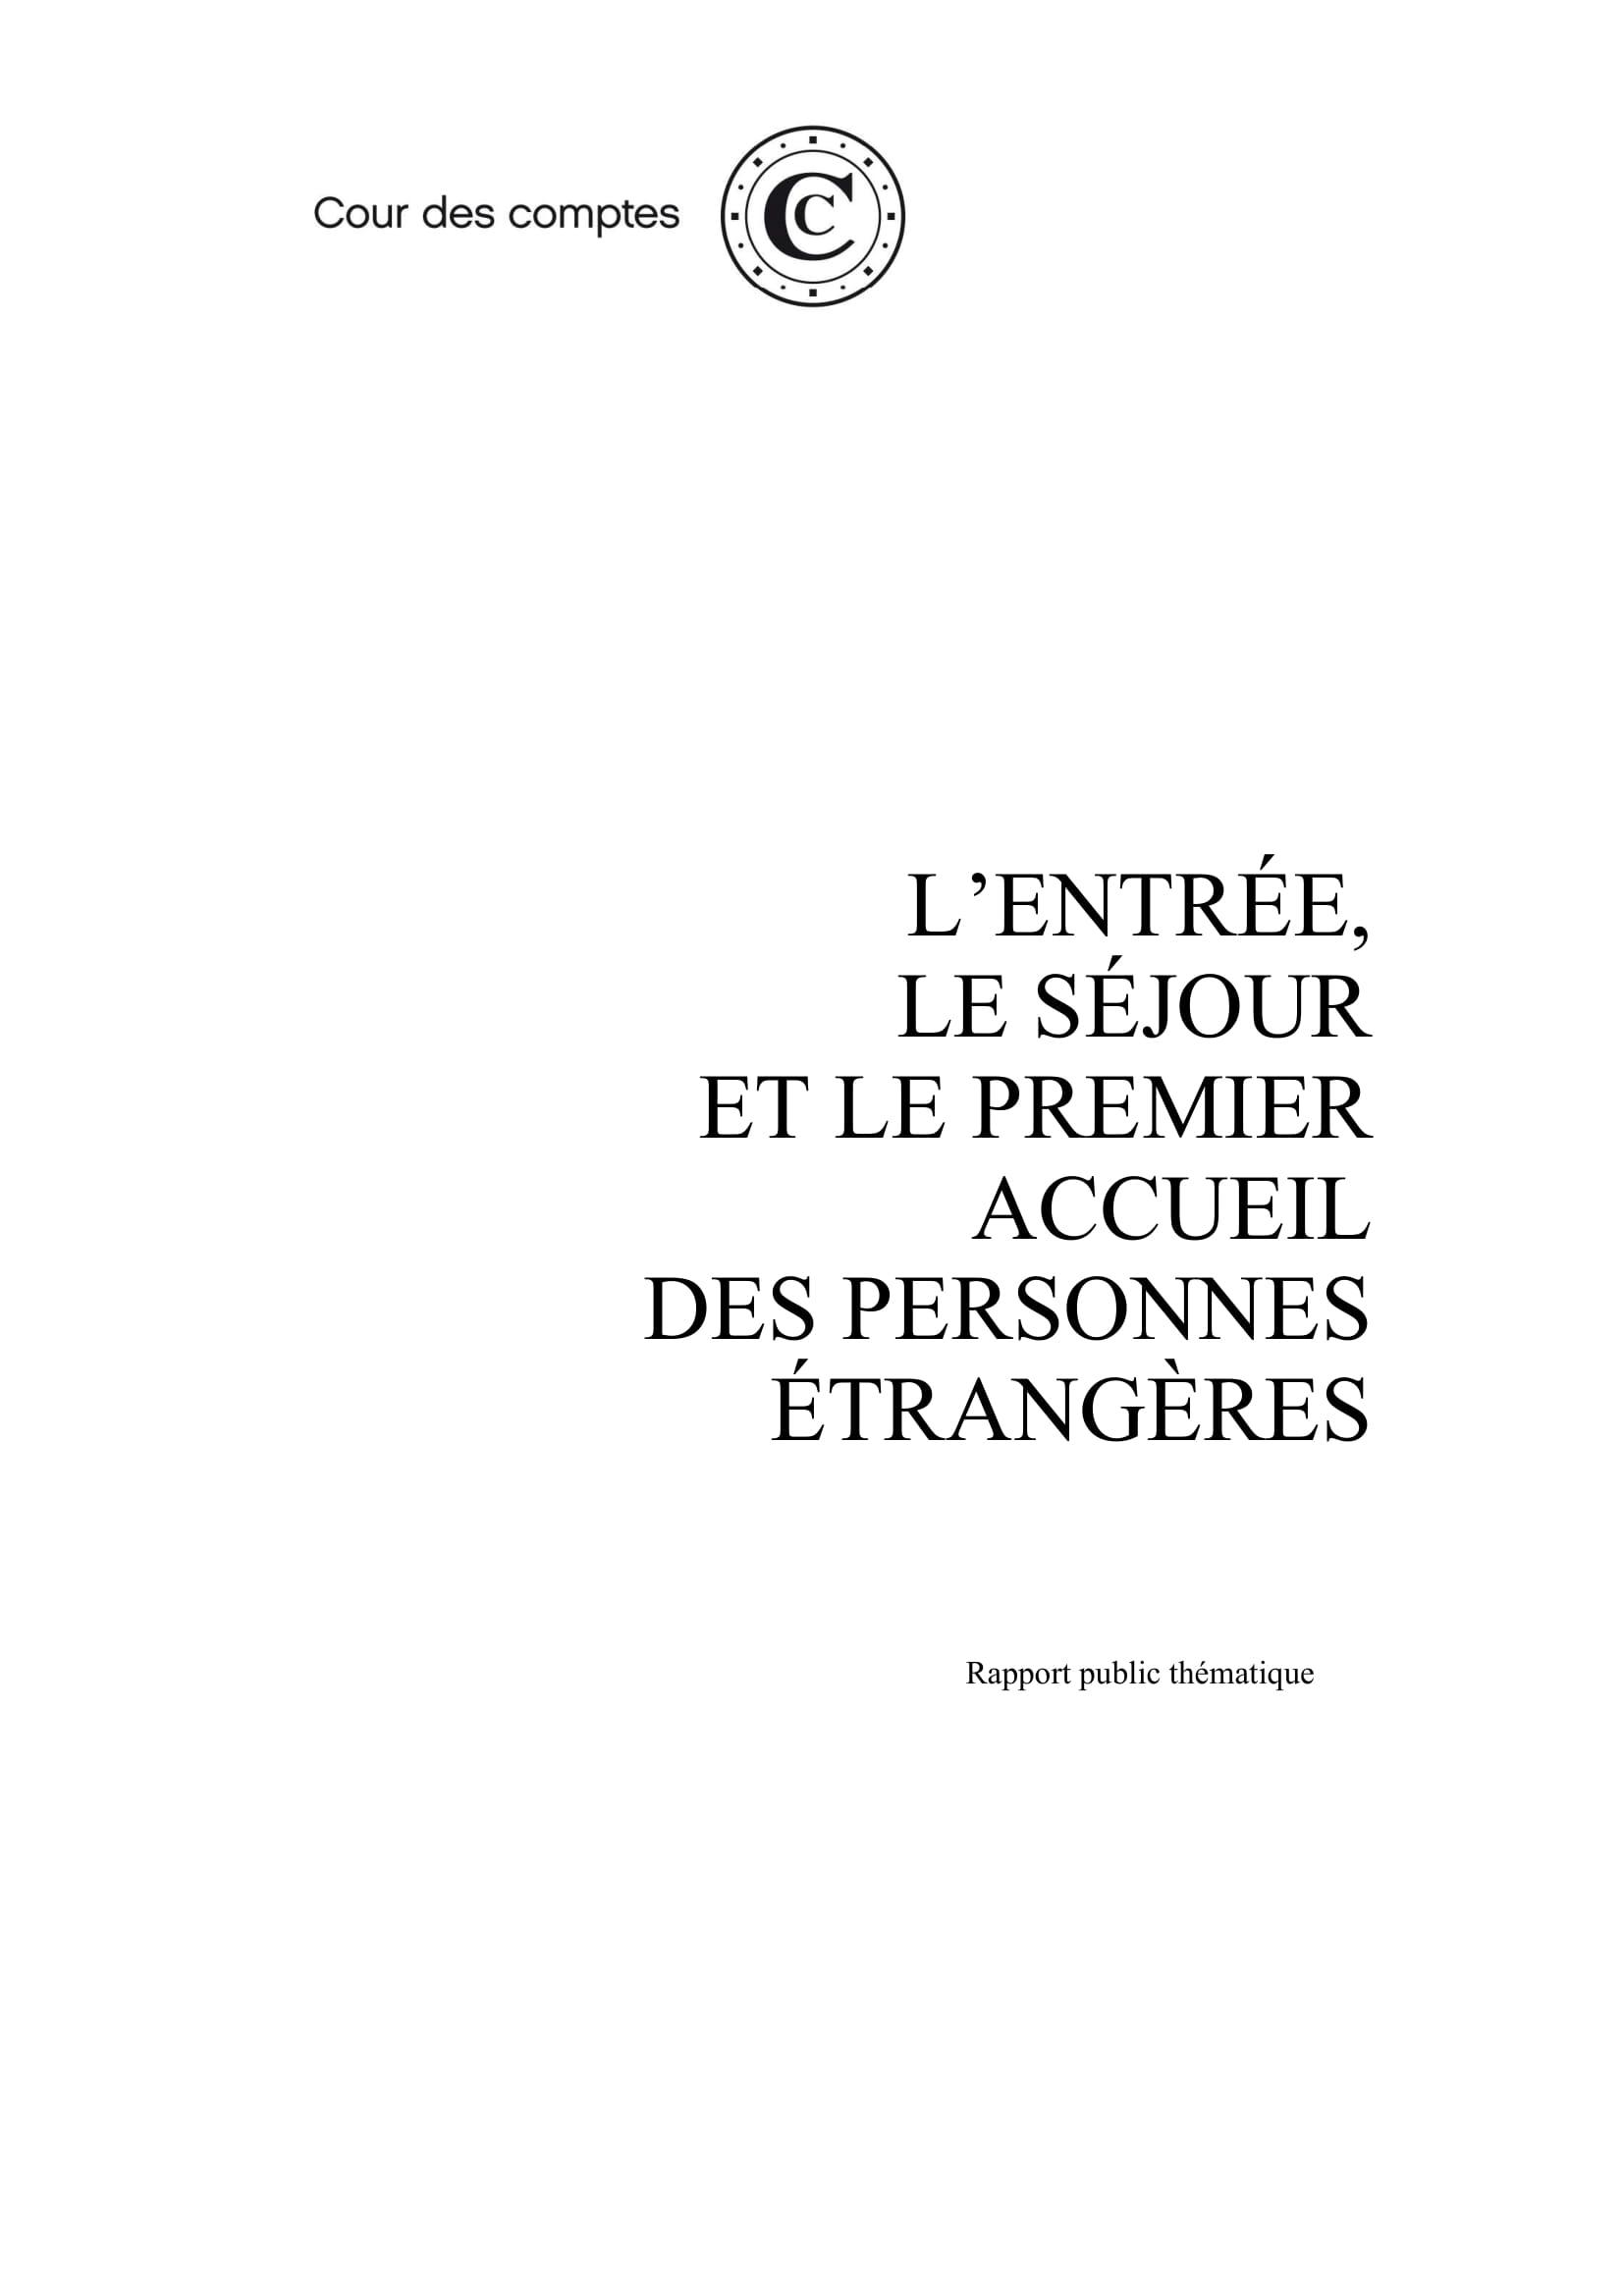 Rapport de la Cour des Comptes sur l'immigration en France : constats et recommandations